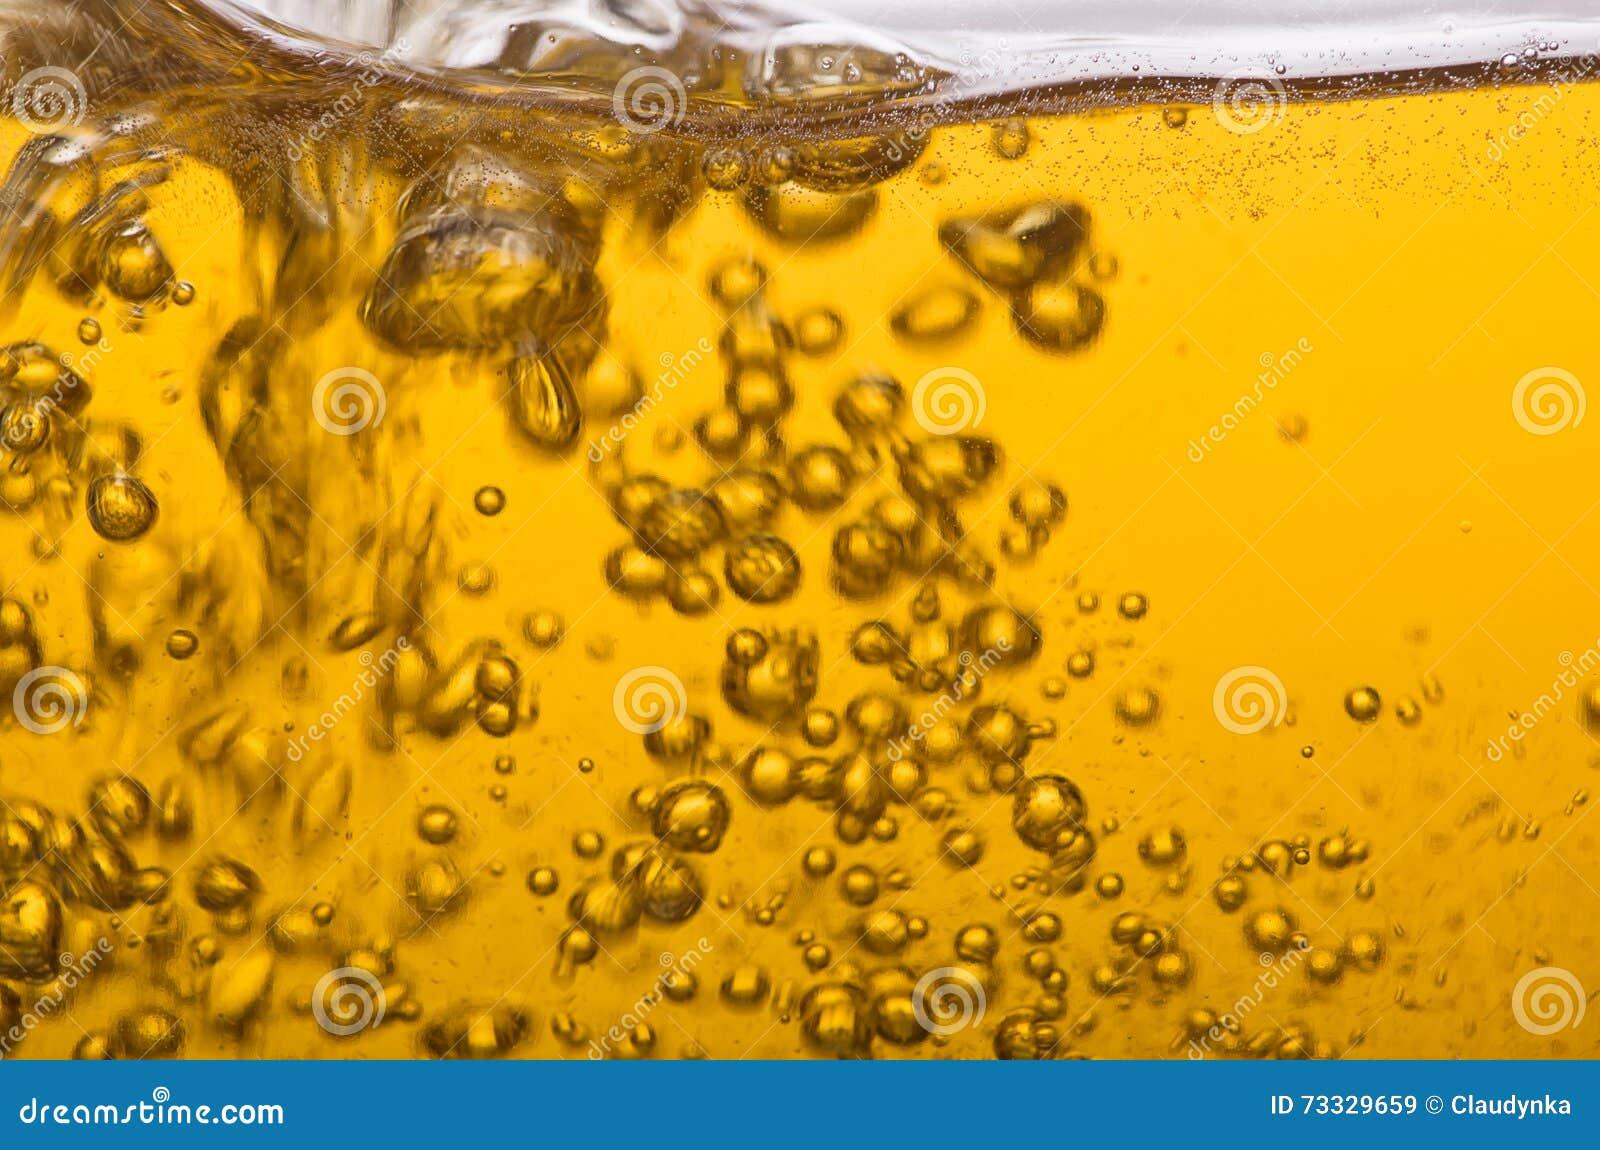 Golden beer.